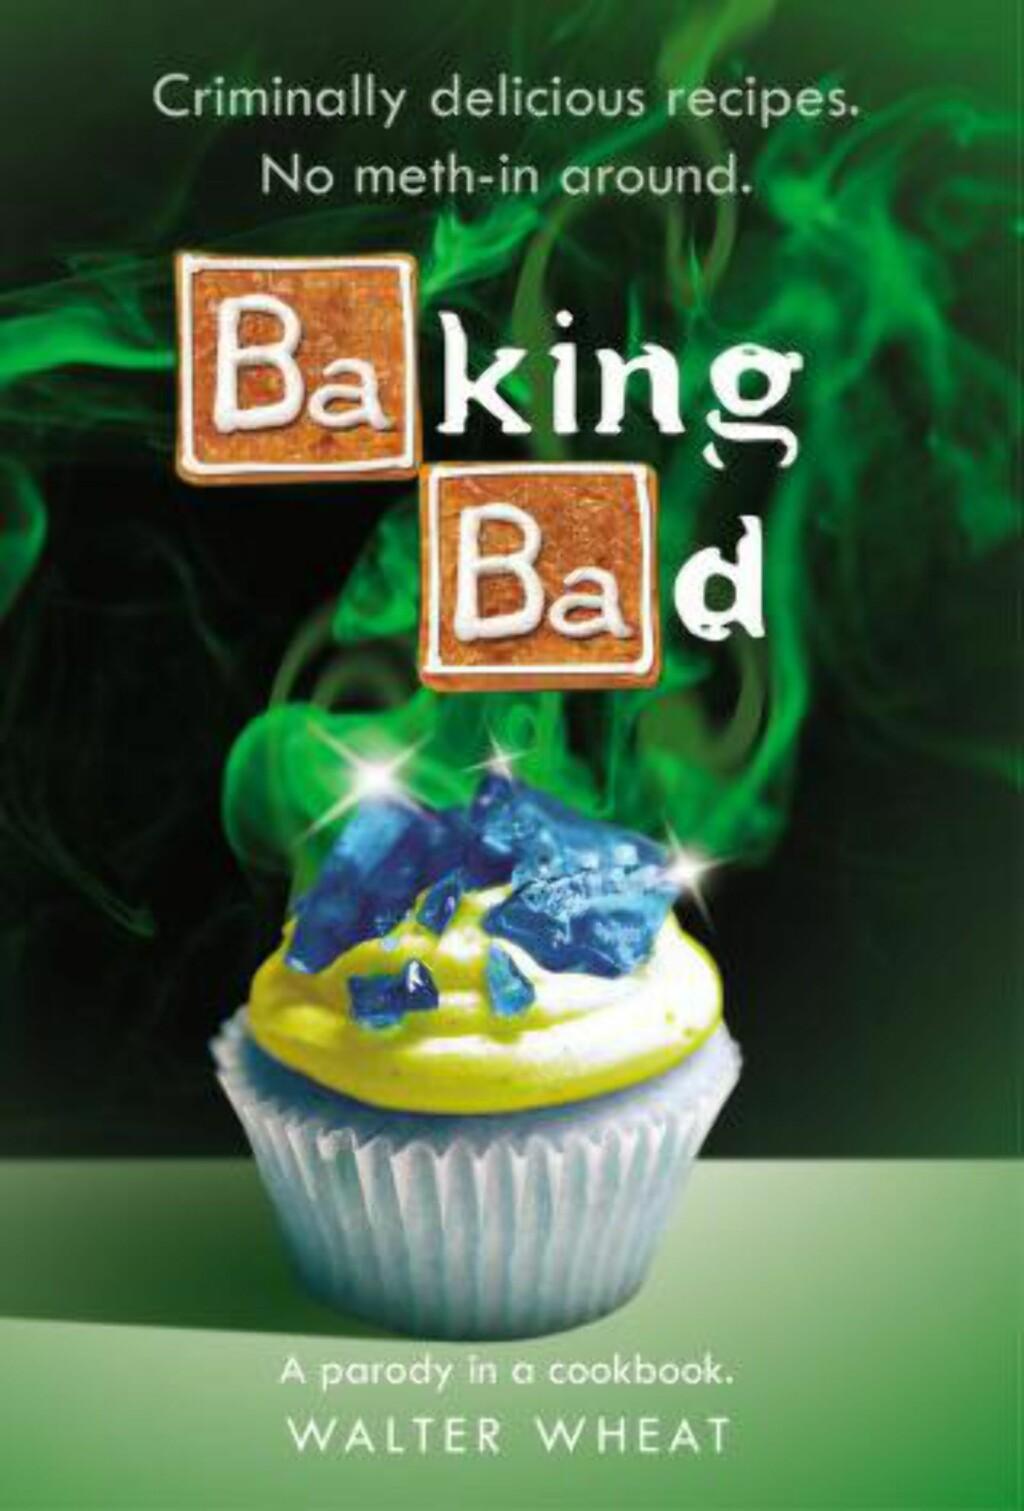 OPPFØLGER: «Game of Scones» er oppfølgeren til fjorårets suksess-bakebok «Baking Bad».